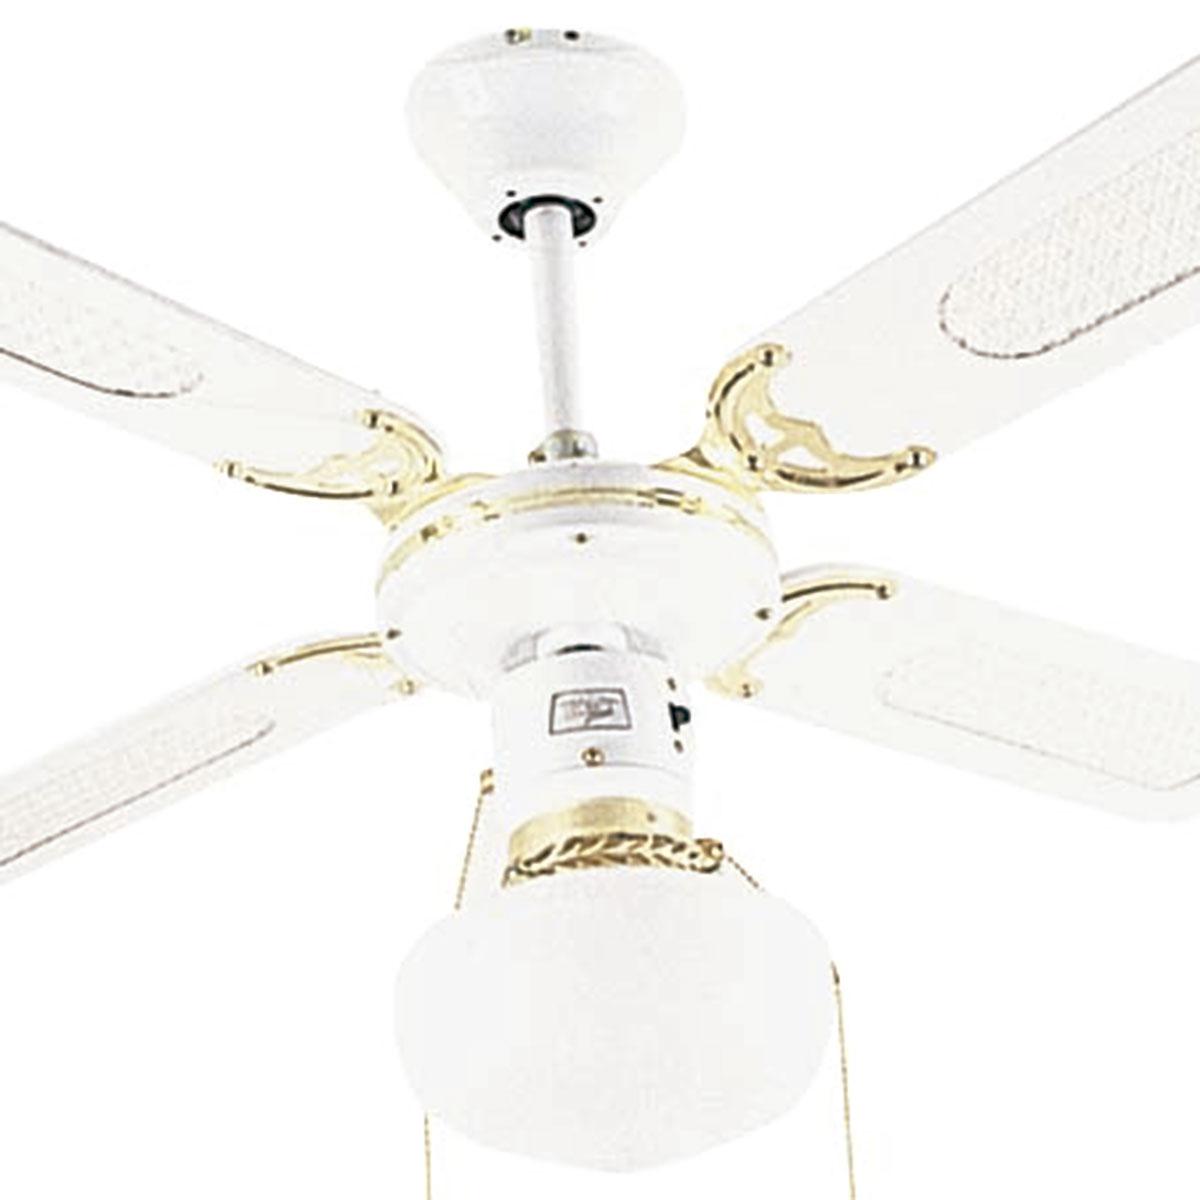 Ventilador De Teto Hl-16 1 Globo E-27 4 Pas Reversiveis Branco/Dourado 220v